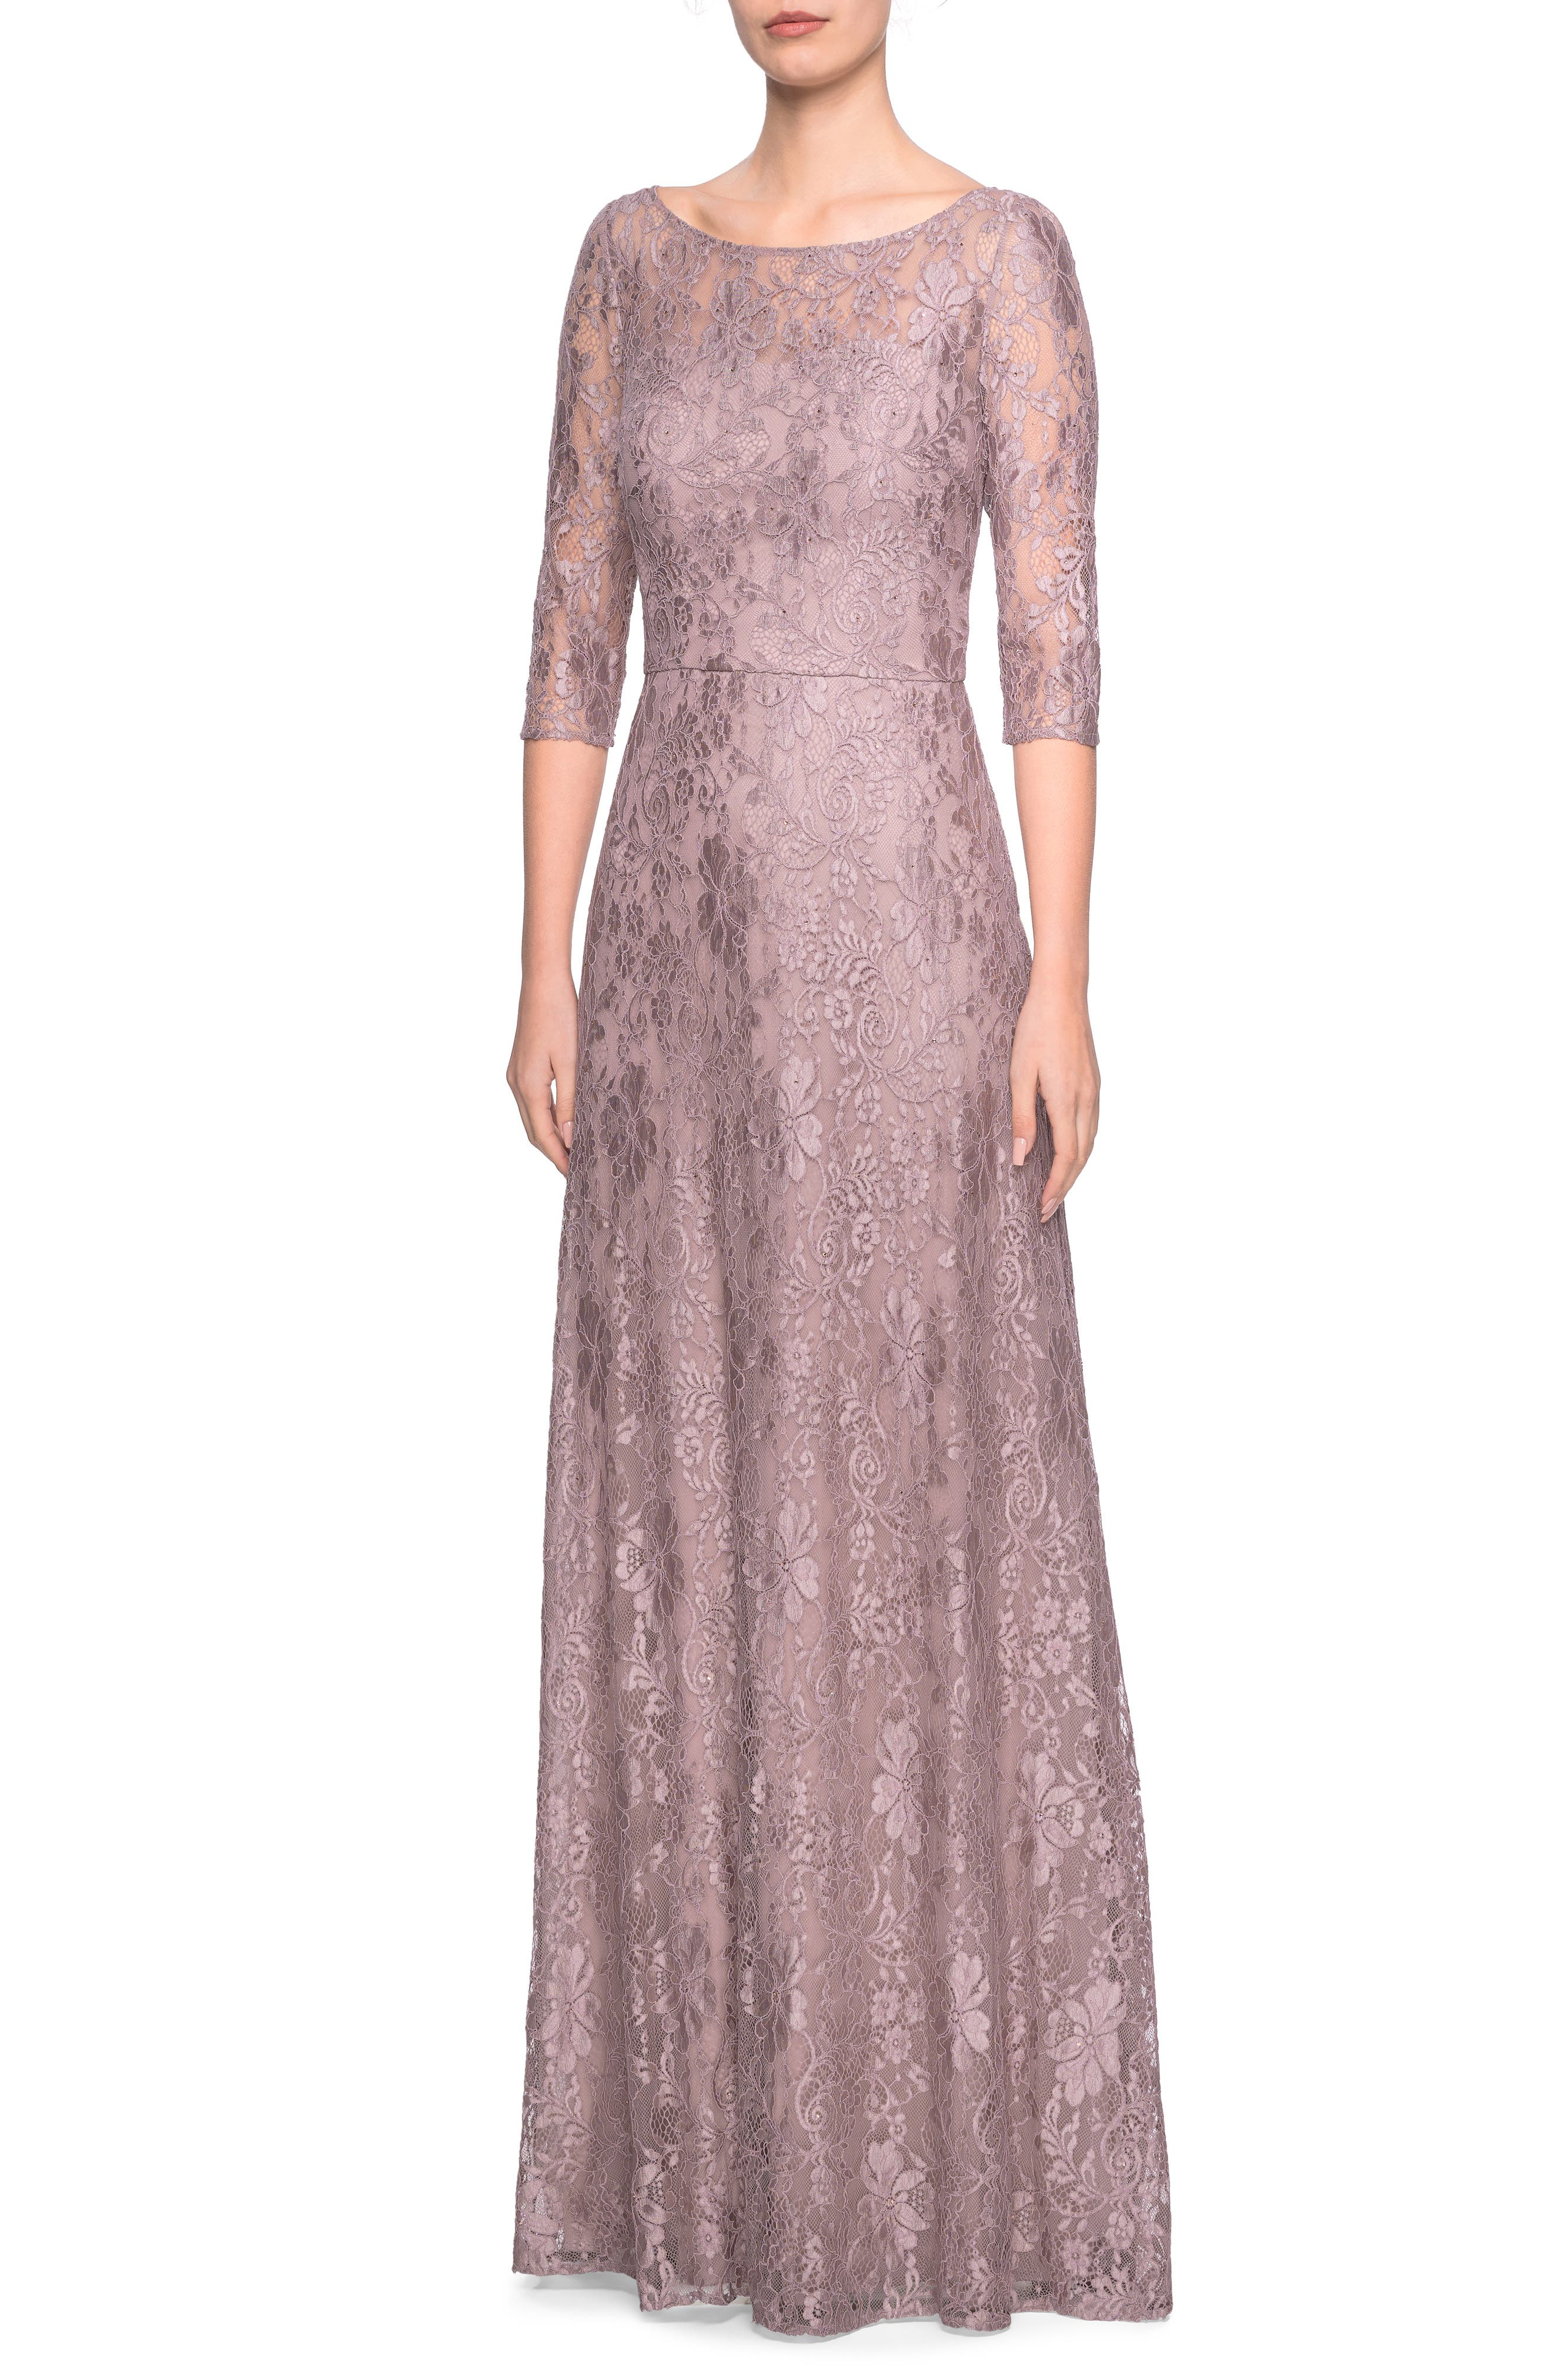 a05b4dfbec9 La Femme Lace Evening Dress